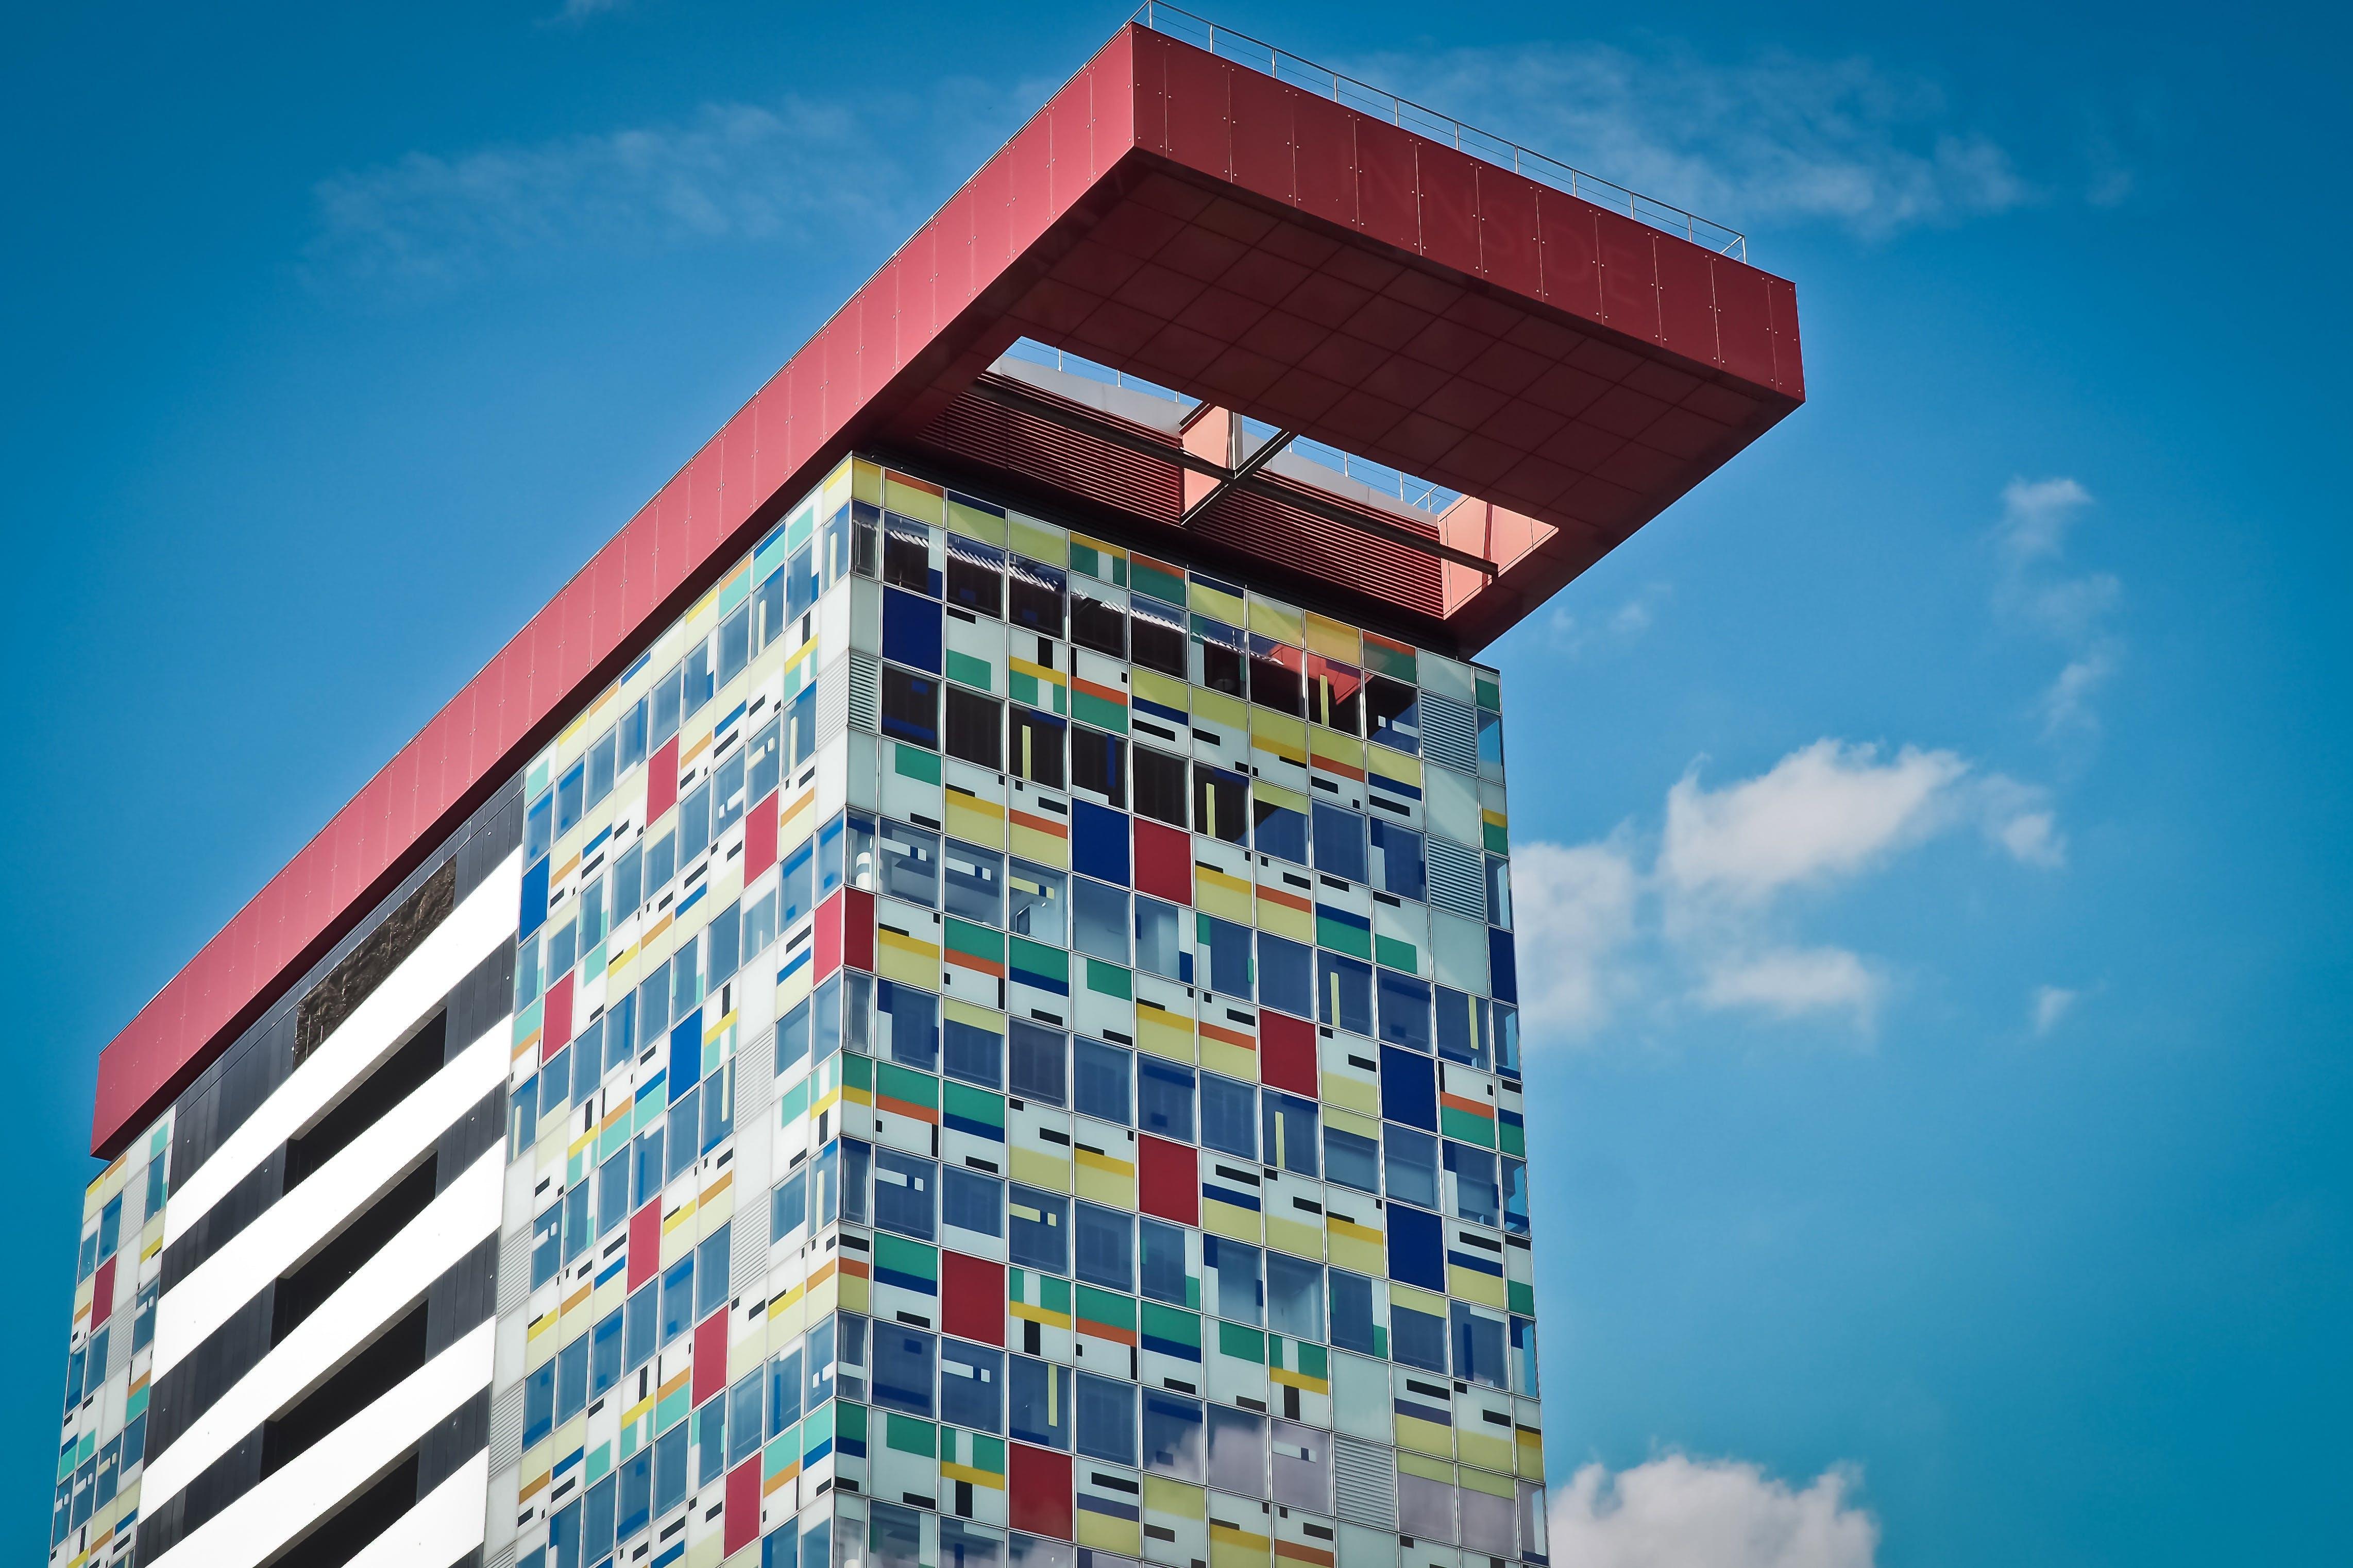 zu architektur, aufnahme von unten, blauer himmel, bunt